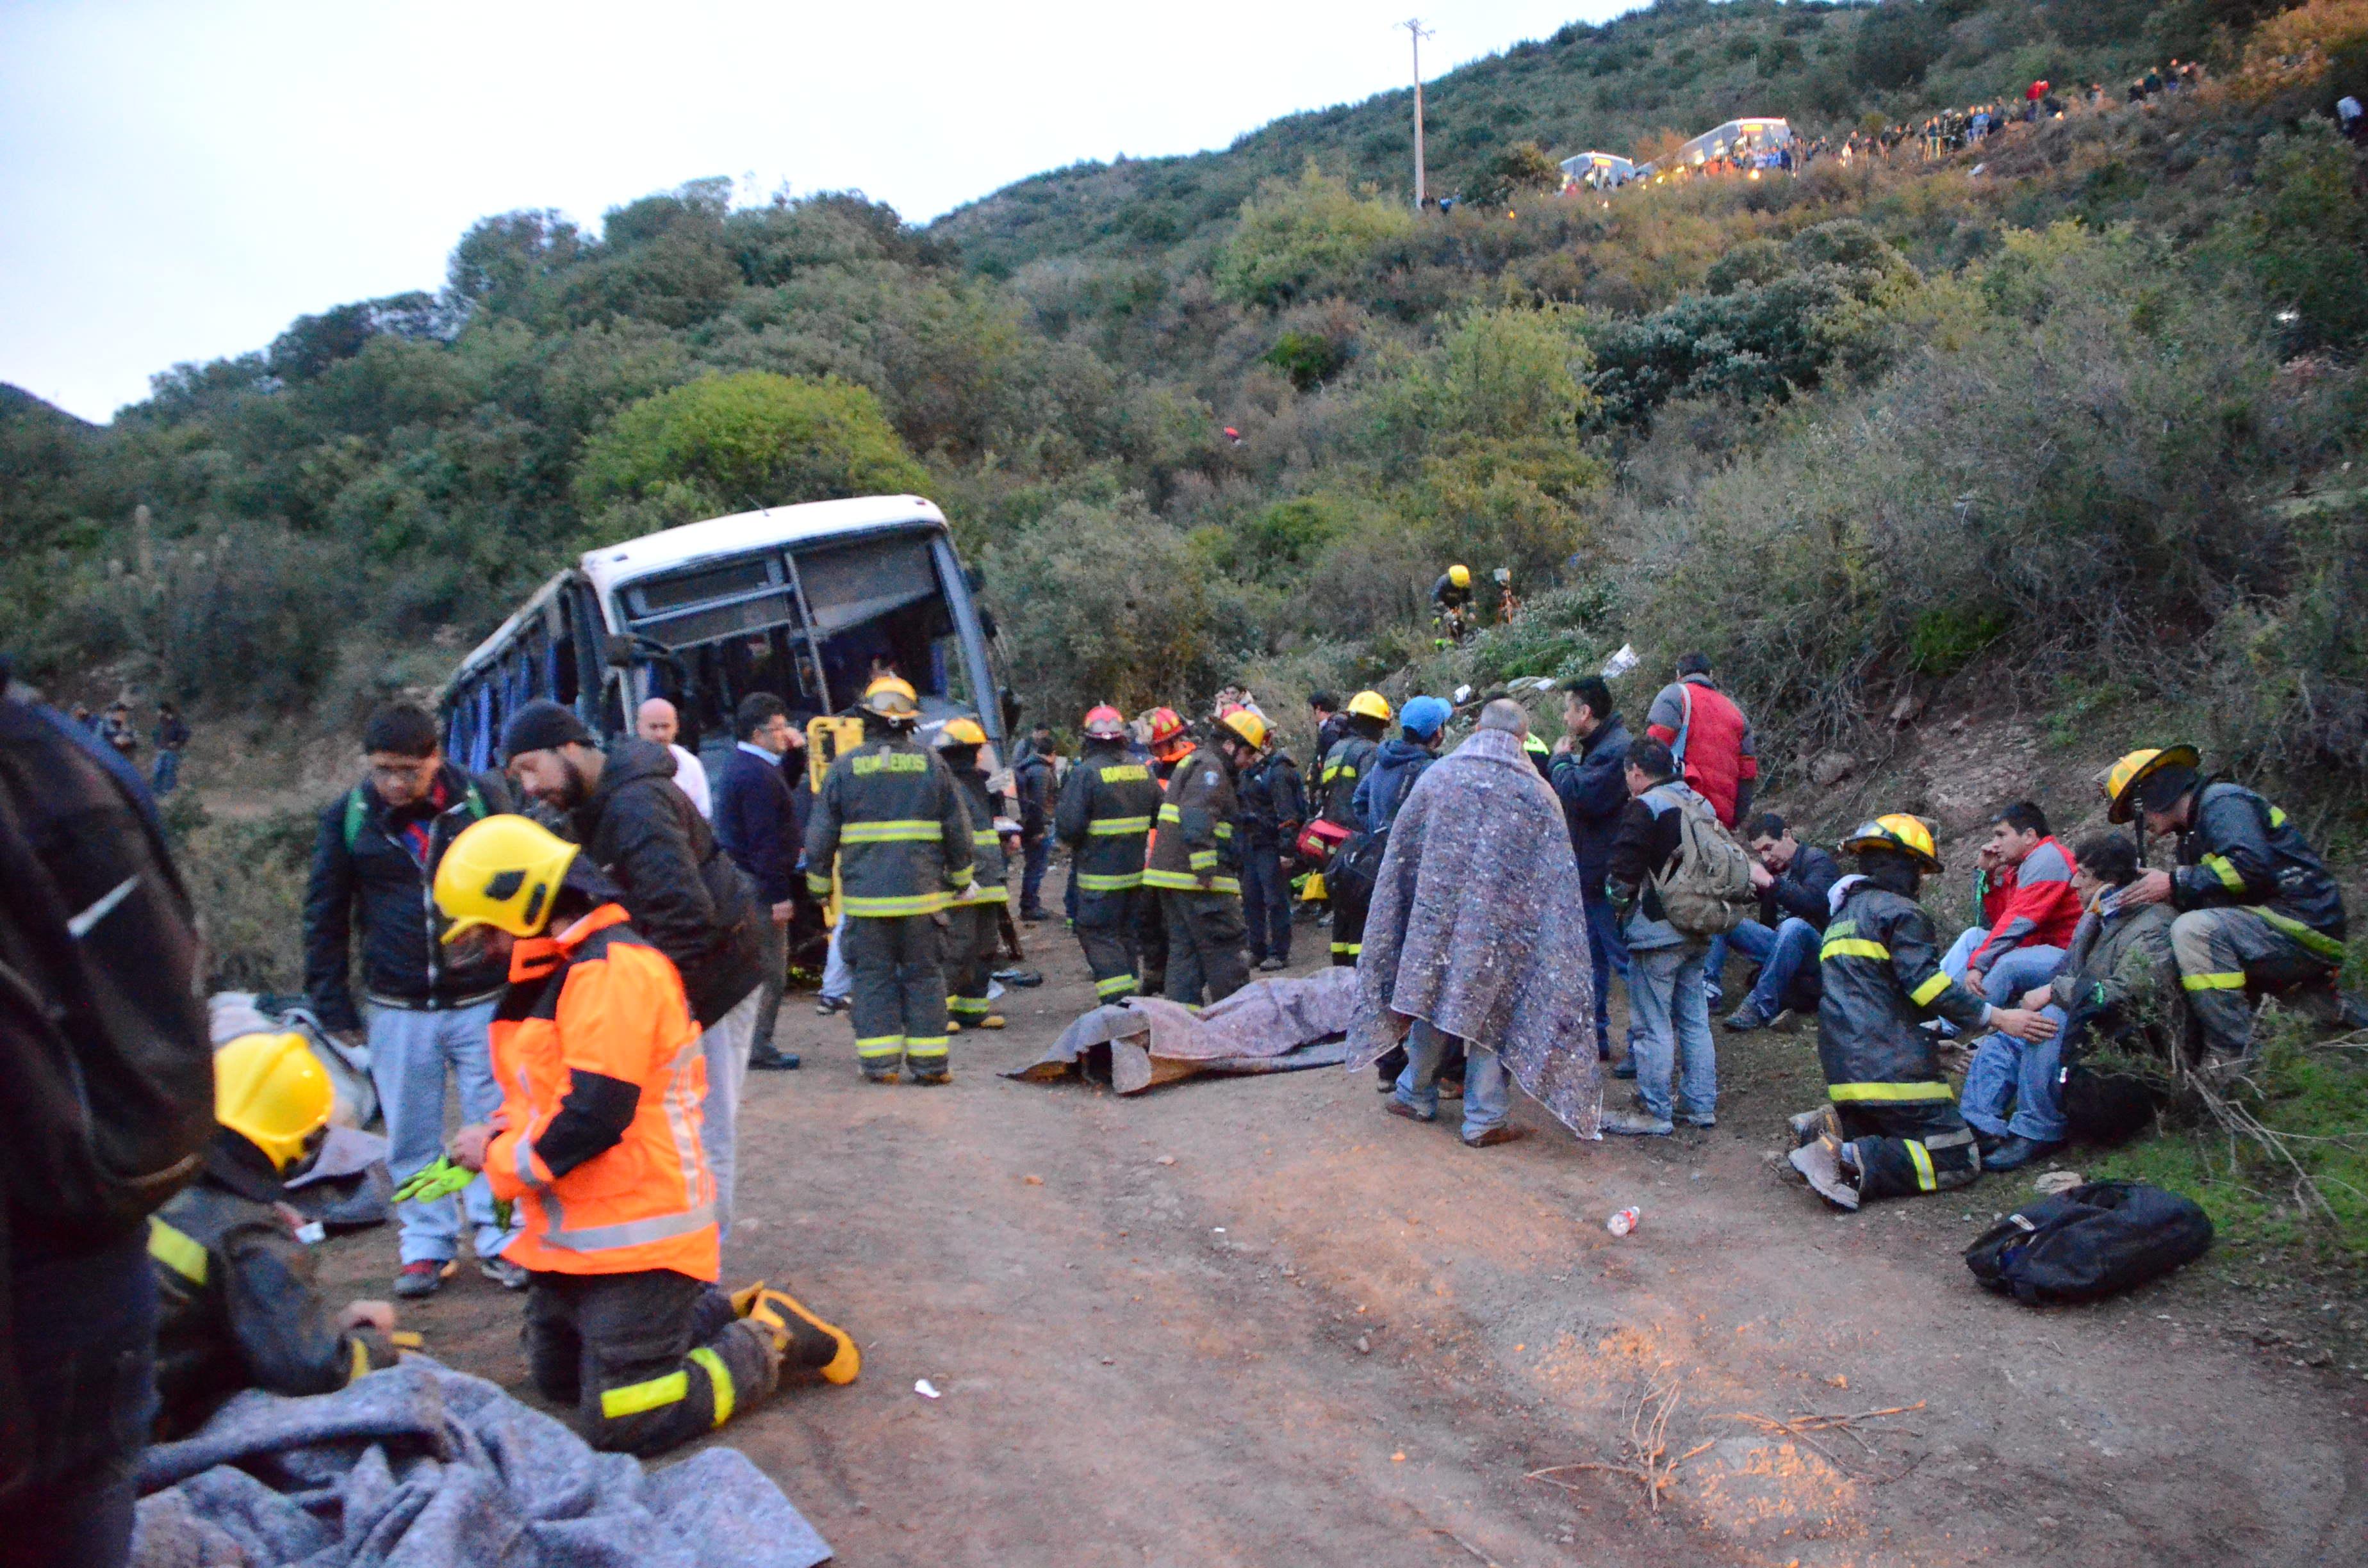 60 metros se desbarrancó el bus Link